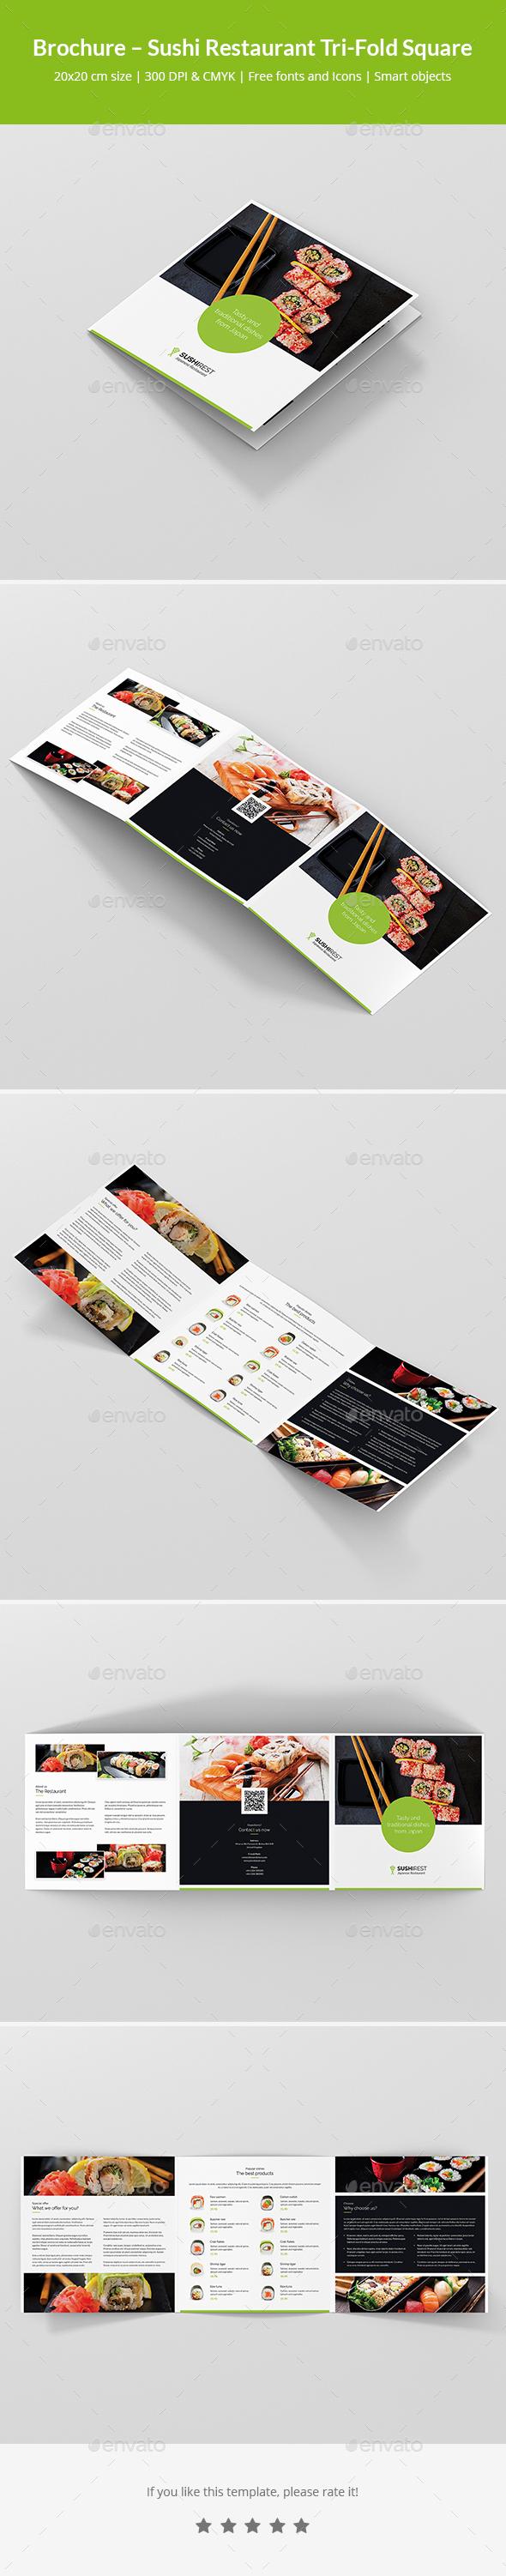 GraphicRiver Brochure Sushi Restaurant Tri-Fold Square 21127444